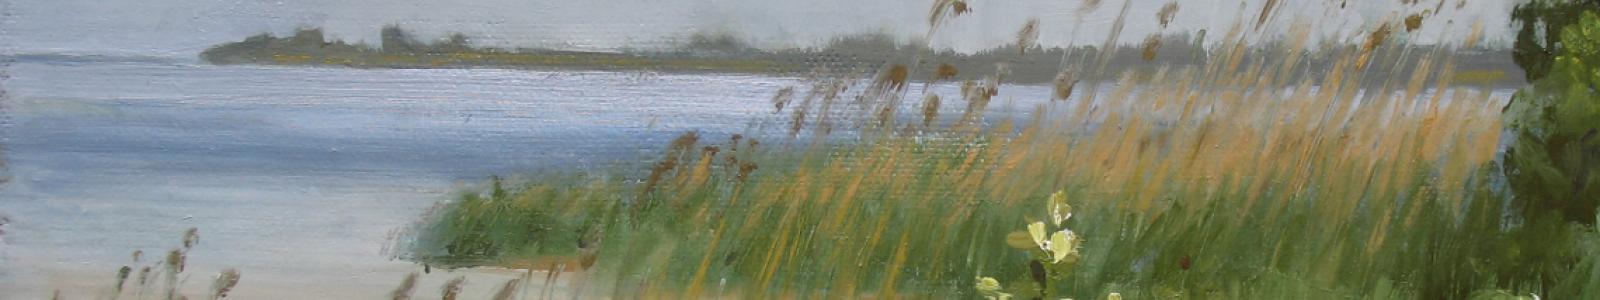 Gallery Alexander Bezrodnykh